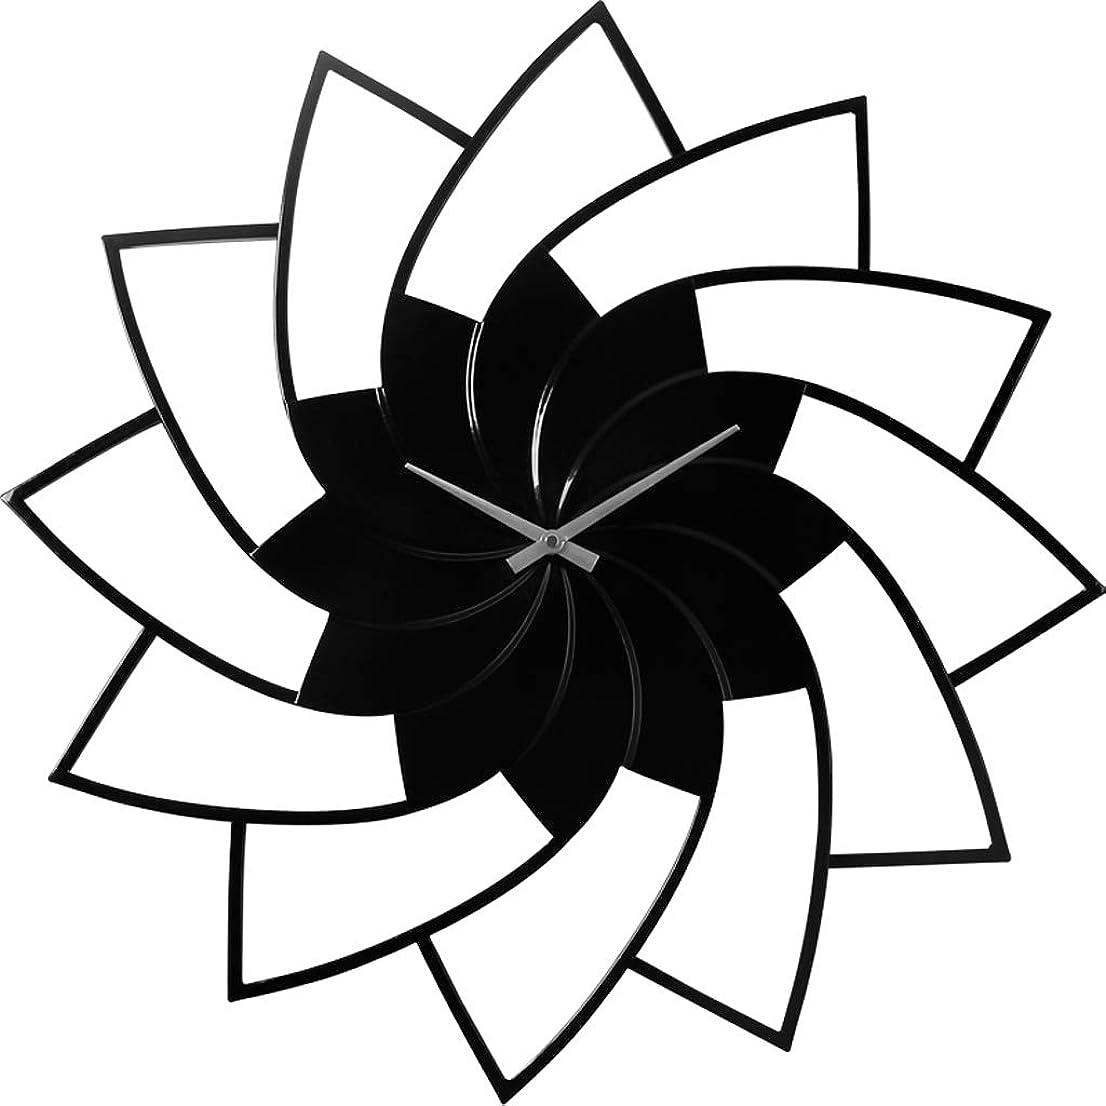 姿を消す明快おバッテリー駆動ミュート装飾時計静音掃除現代の壁時計金属フレームの時計、黒 JSFQ